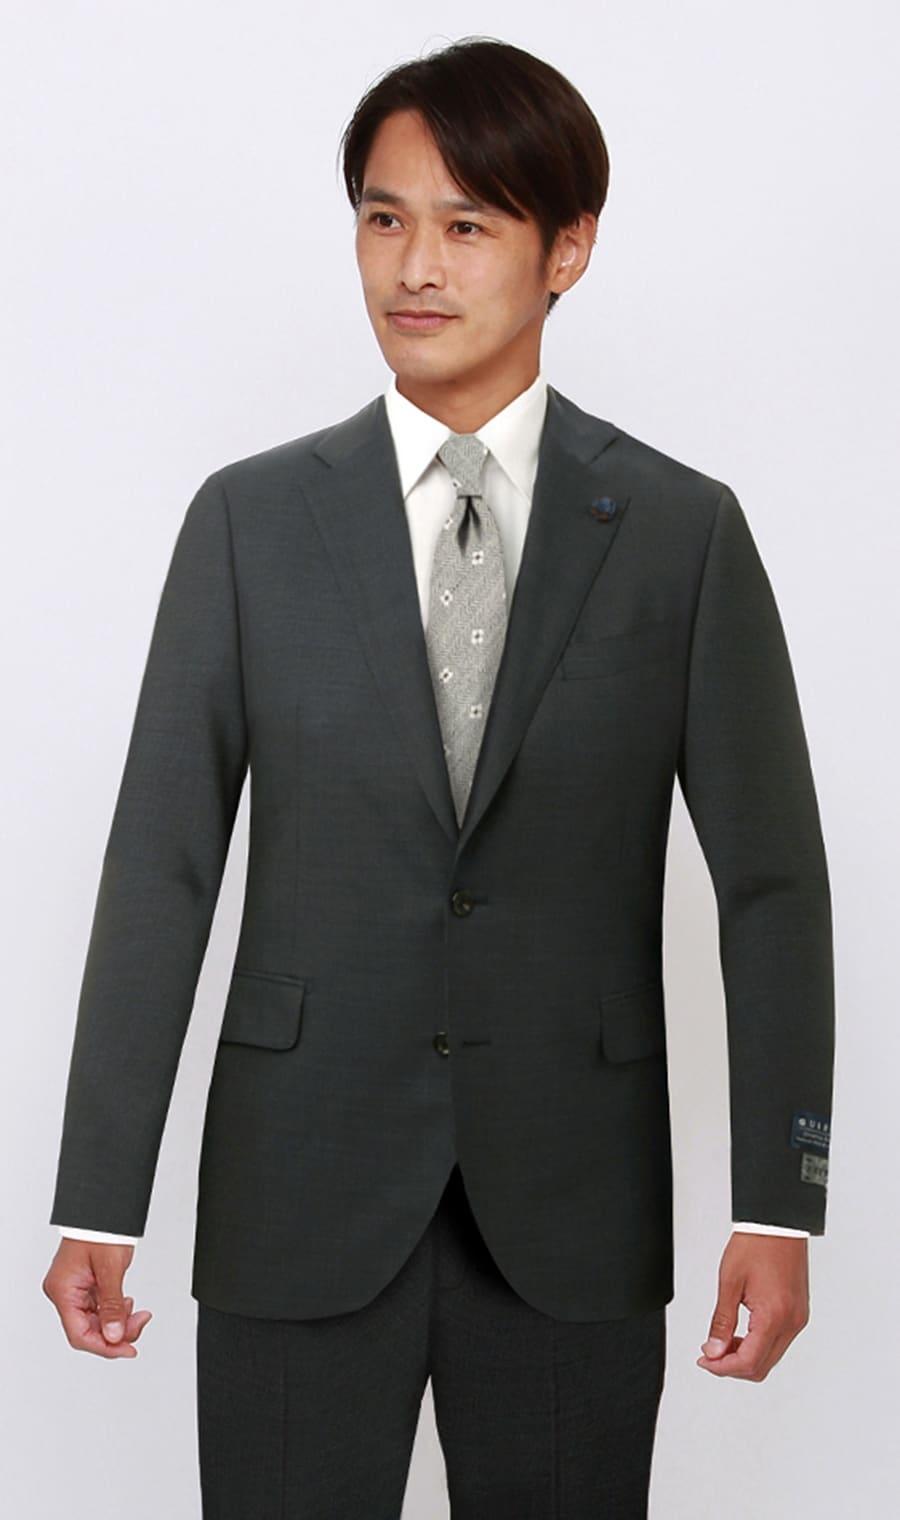 HILTONプレミアムスタイリッシュスーツ【戸賀 敬城氏プロデュースモデル】【GUABELLO生地使用】